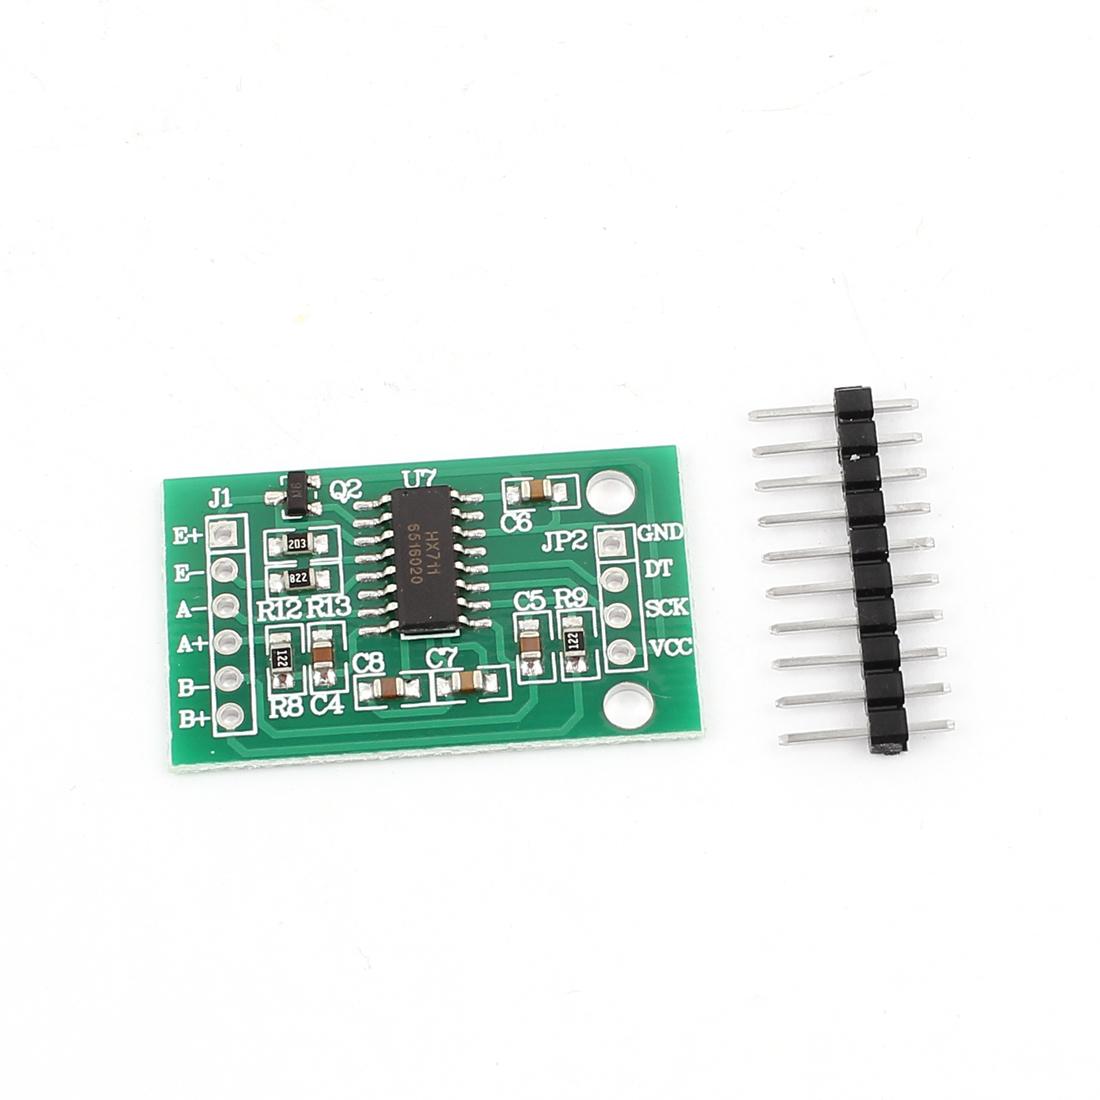 HX711 A/D Converter 2-Ch 24 Bit Precision Weighing Pressure Sensor Module